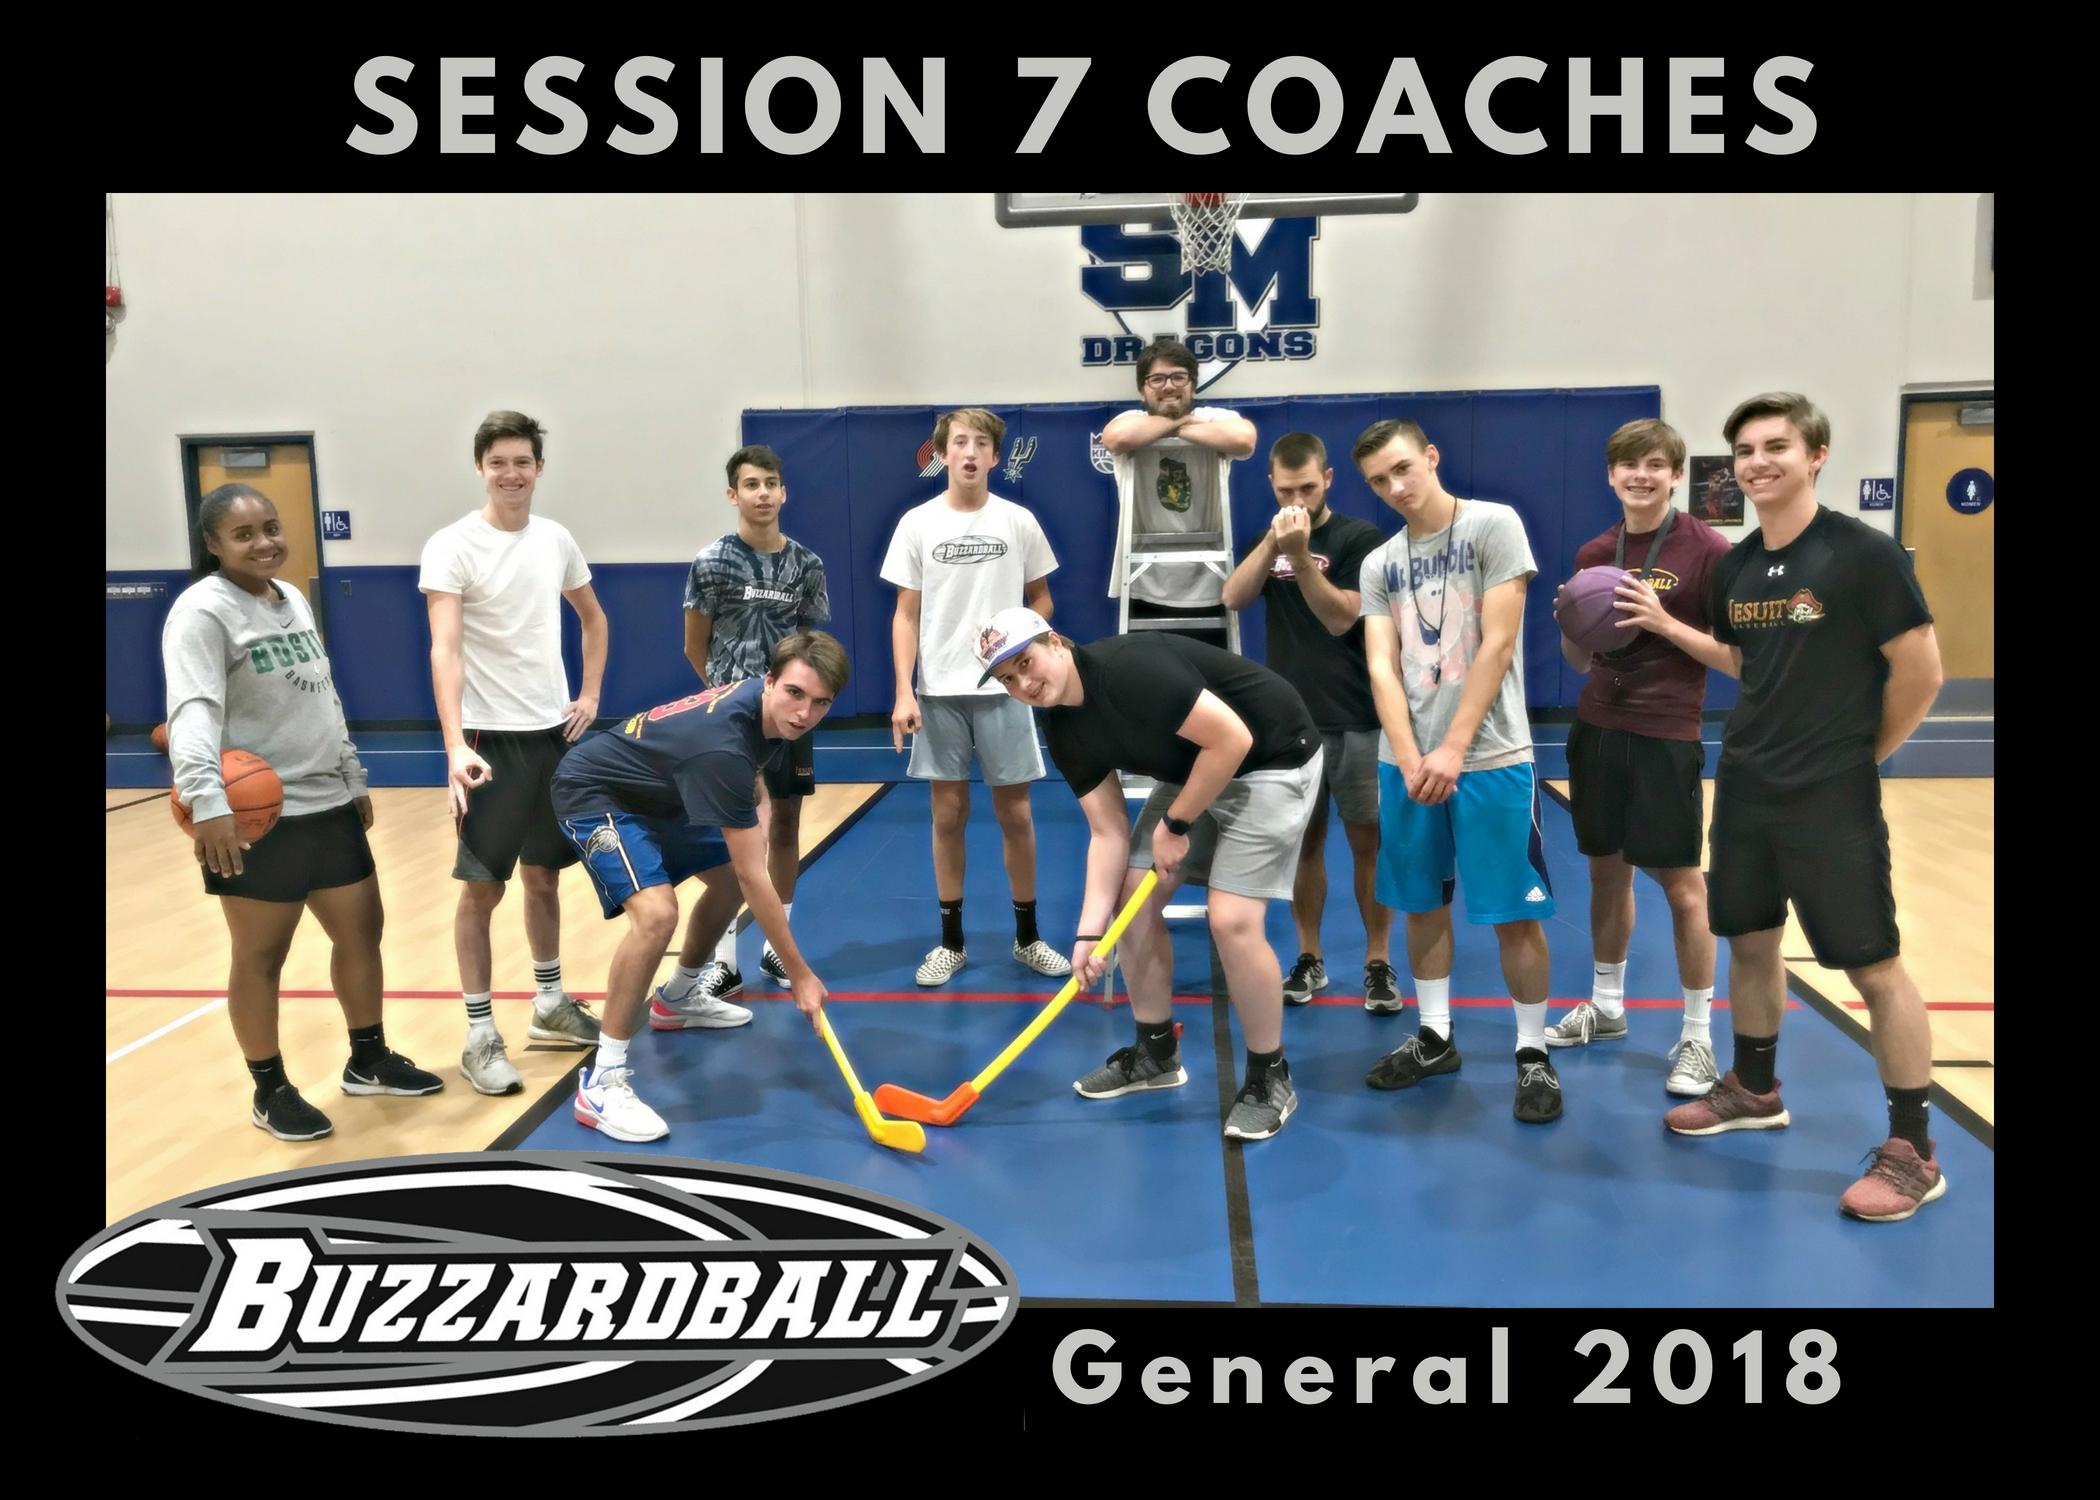 7 Coaches.jpg